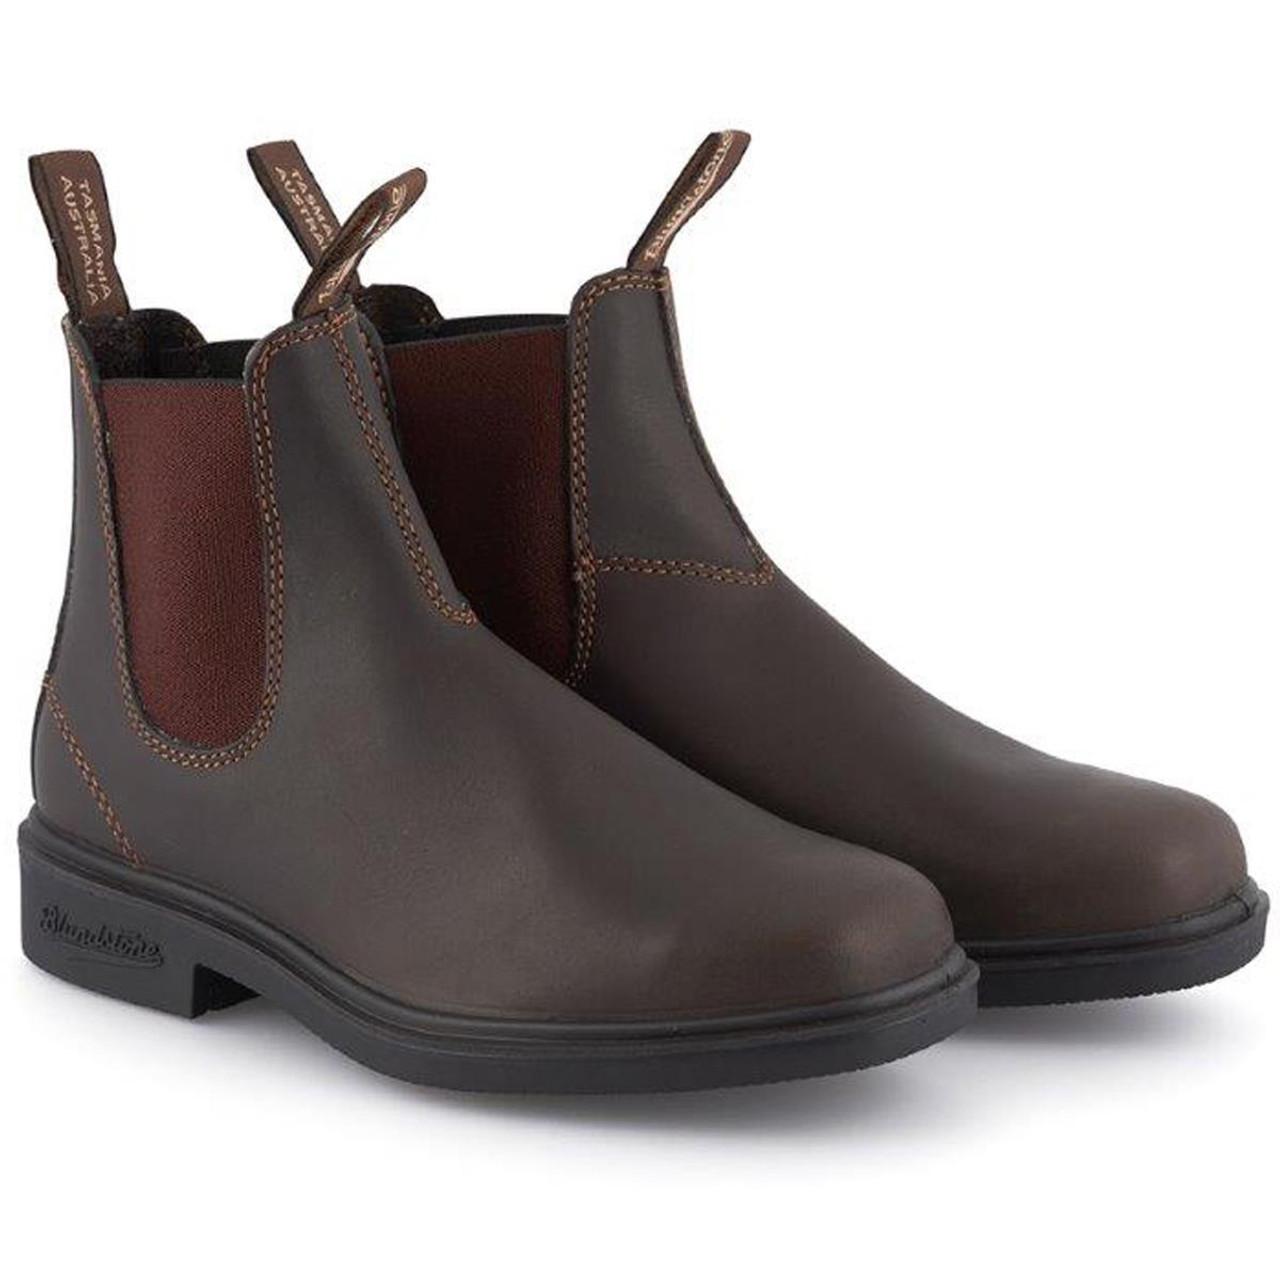 Blundstone Dress 062 Chelsea Boot